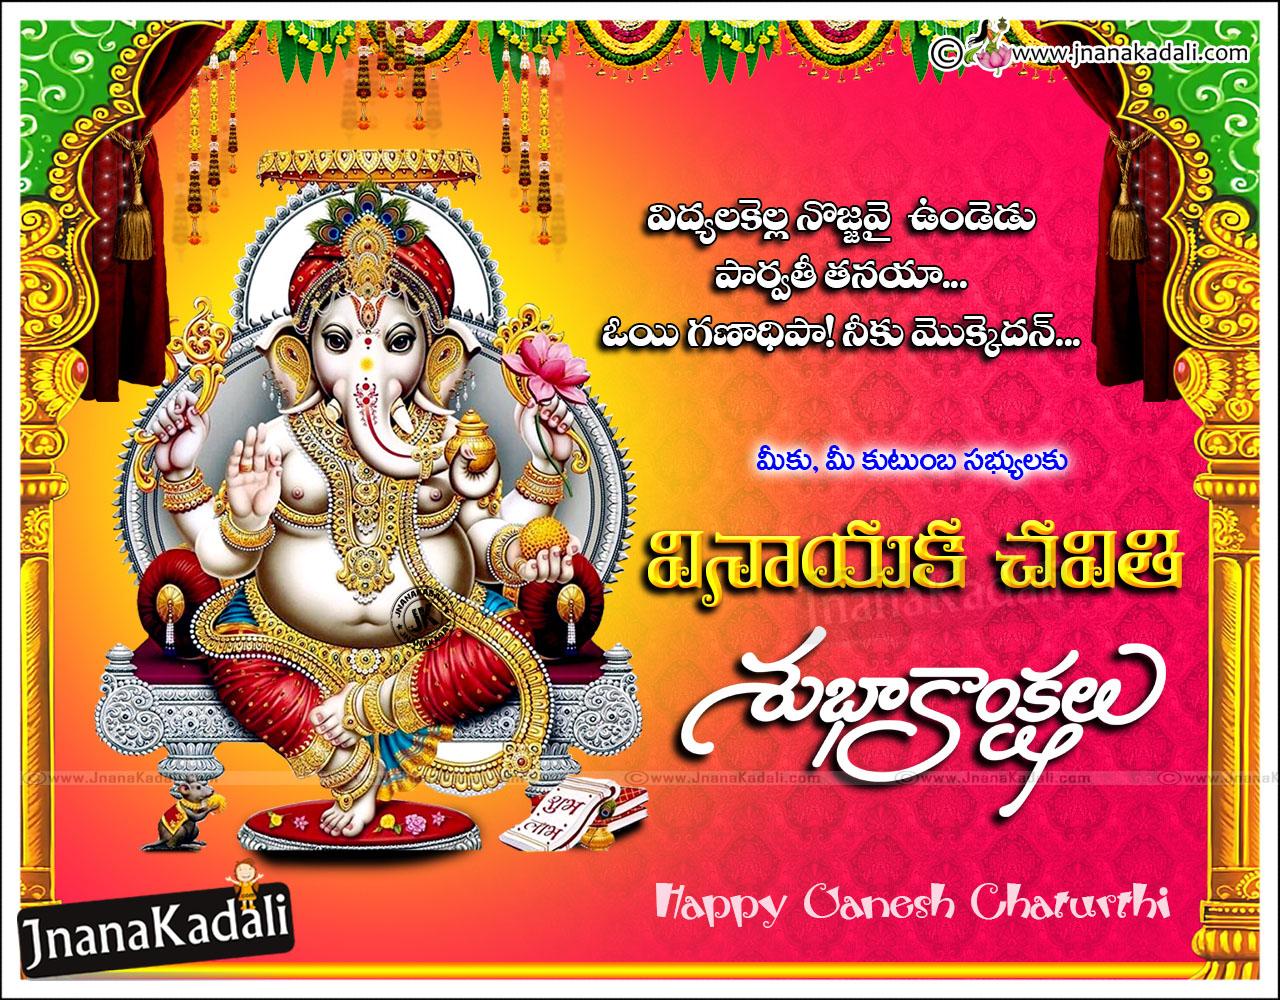 Vinayaka chavithi quotes greetings wishes in telugu jnana kadali here is vinayaka chaviti greetings in telugu vinayaka chavit telugu greetings happy vinayaka chaviti m4hsunfo Gallery